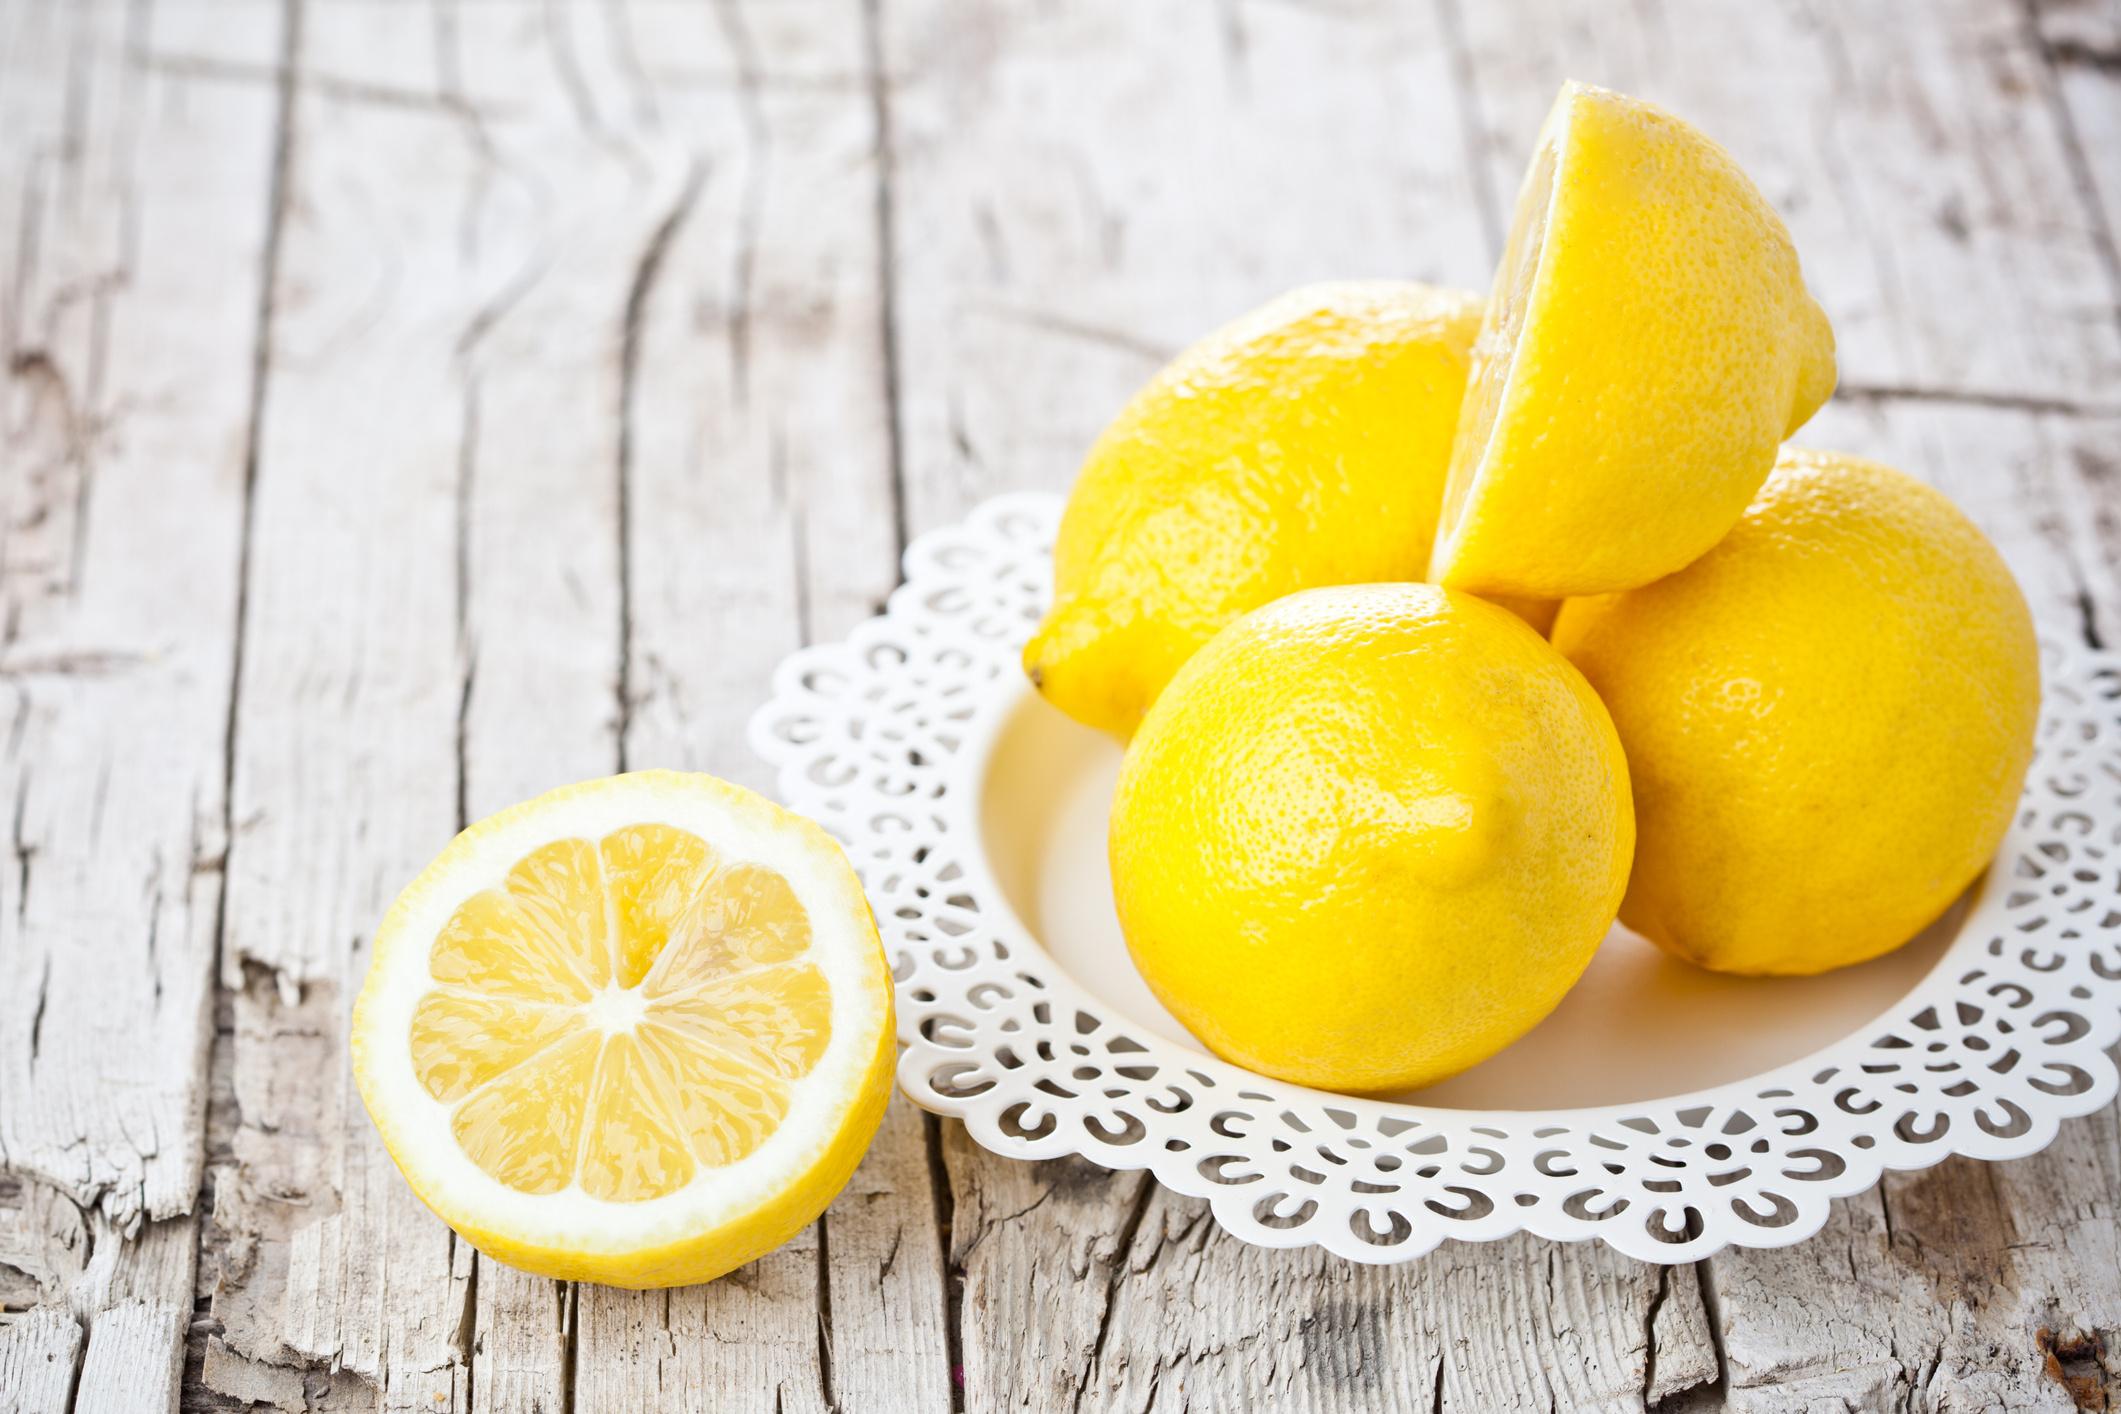 citrom az arcon lévő vörös foltok ellen)